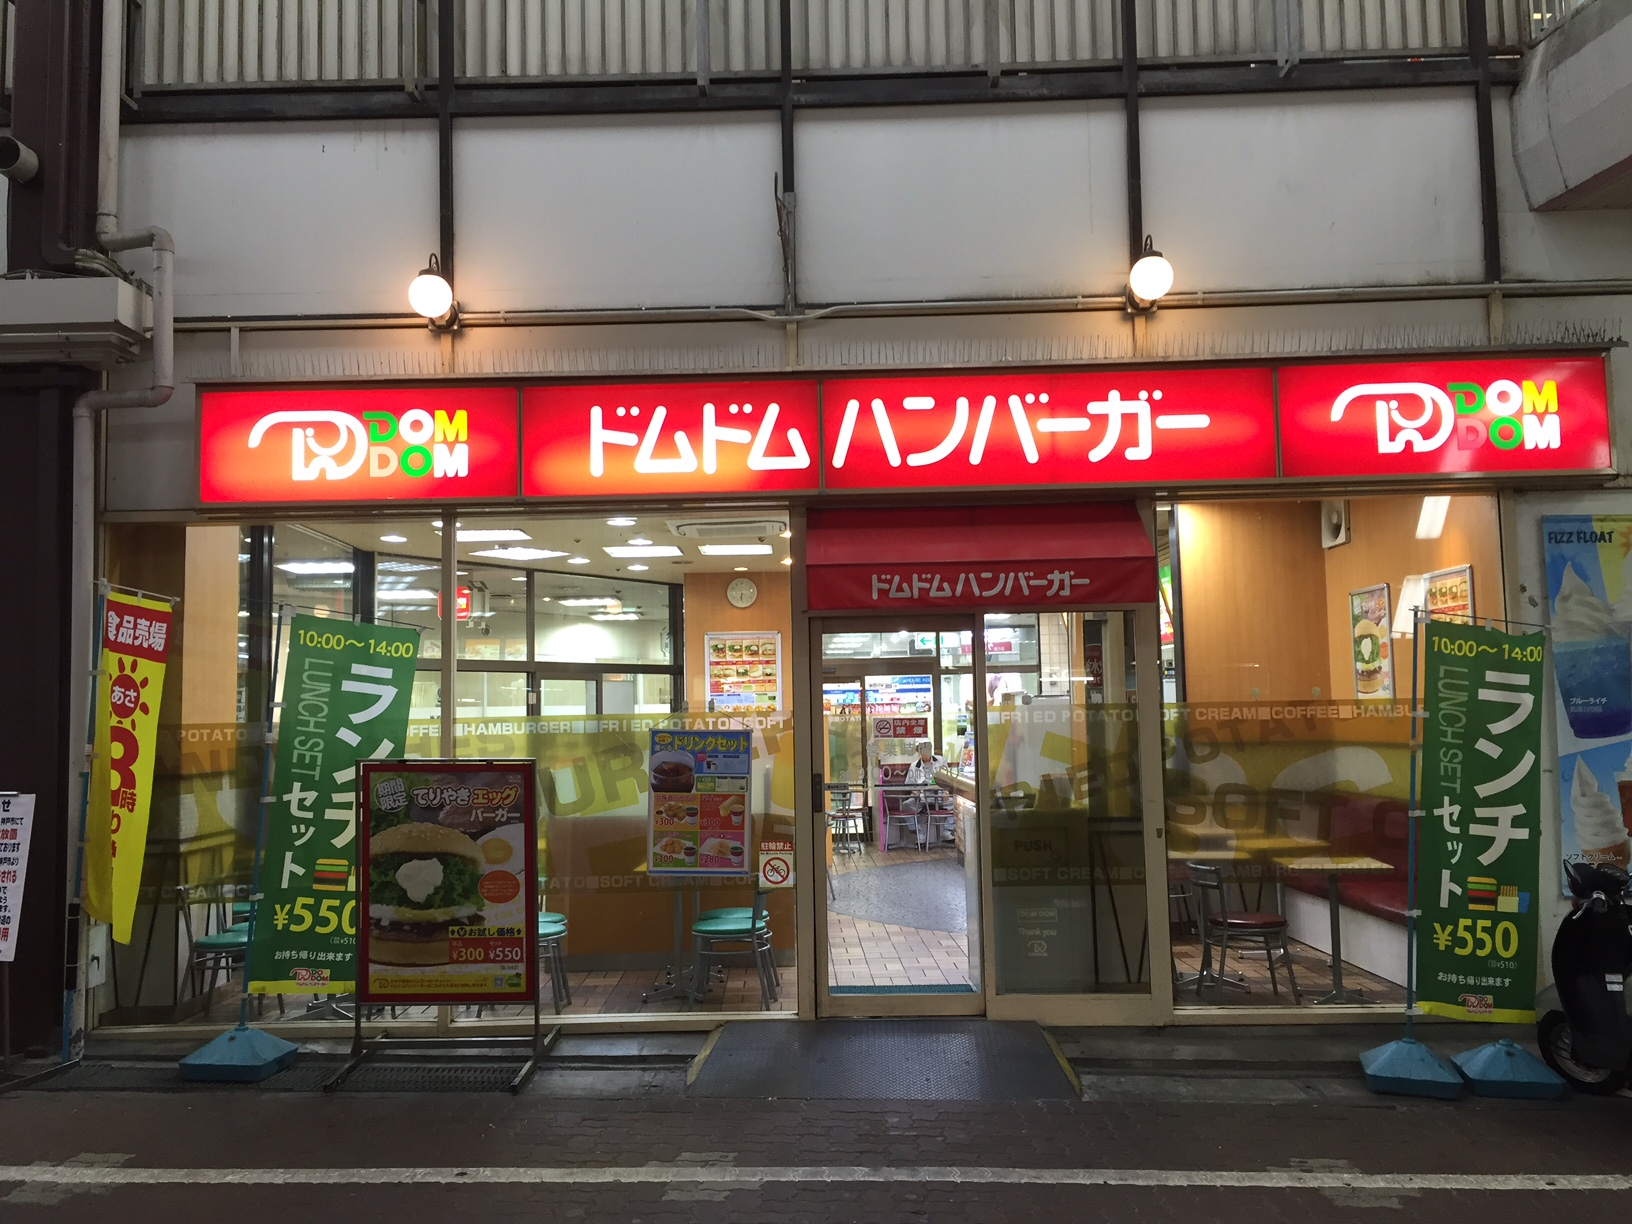 今日の #ドムさんぽ 湊川のドムドムは喫煙席がなくなってから、だいぶ明るい感じに内装かわったのかな?